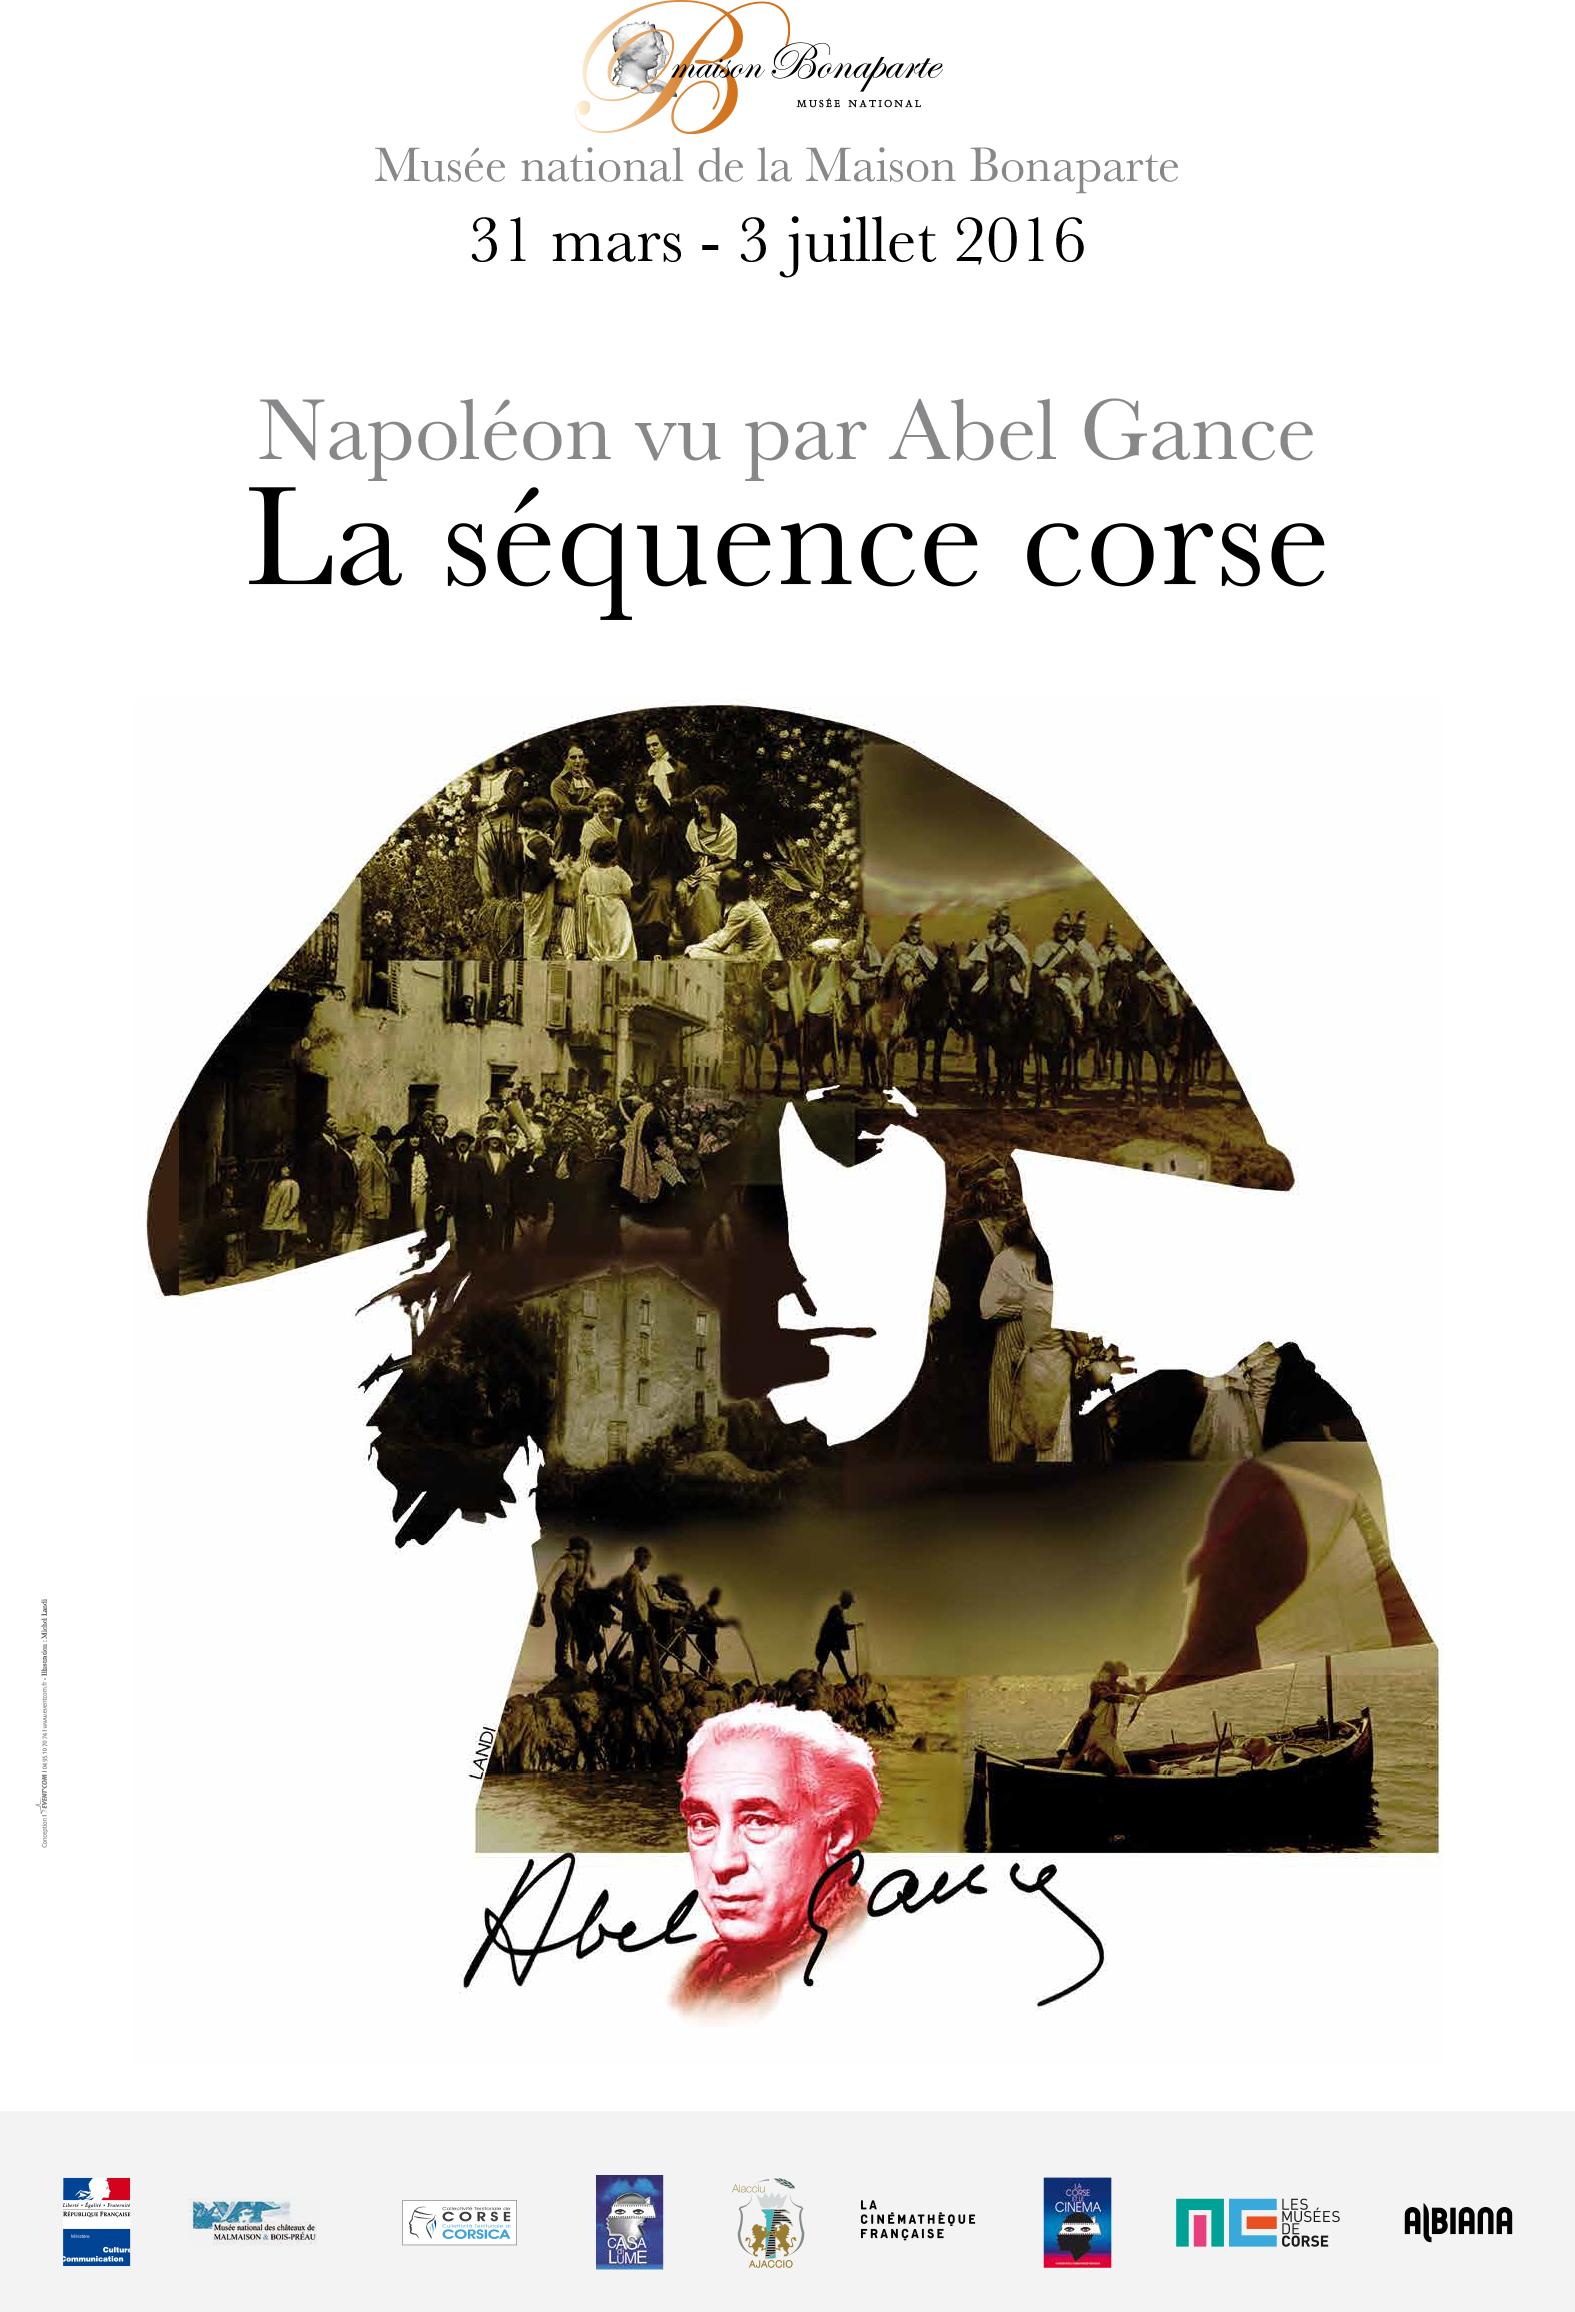 Jeudi 31 mars 18h30 Conférence-Film Napoléon vu par Abel Gance